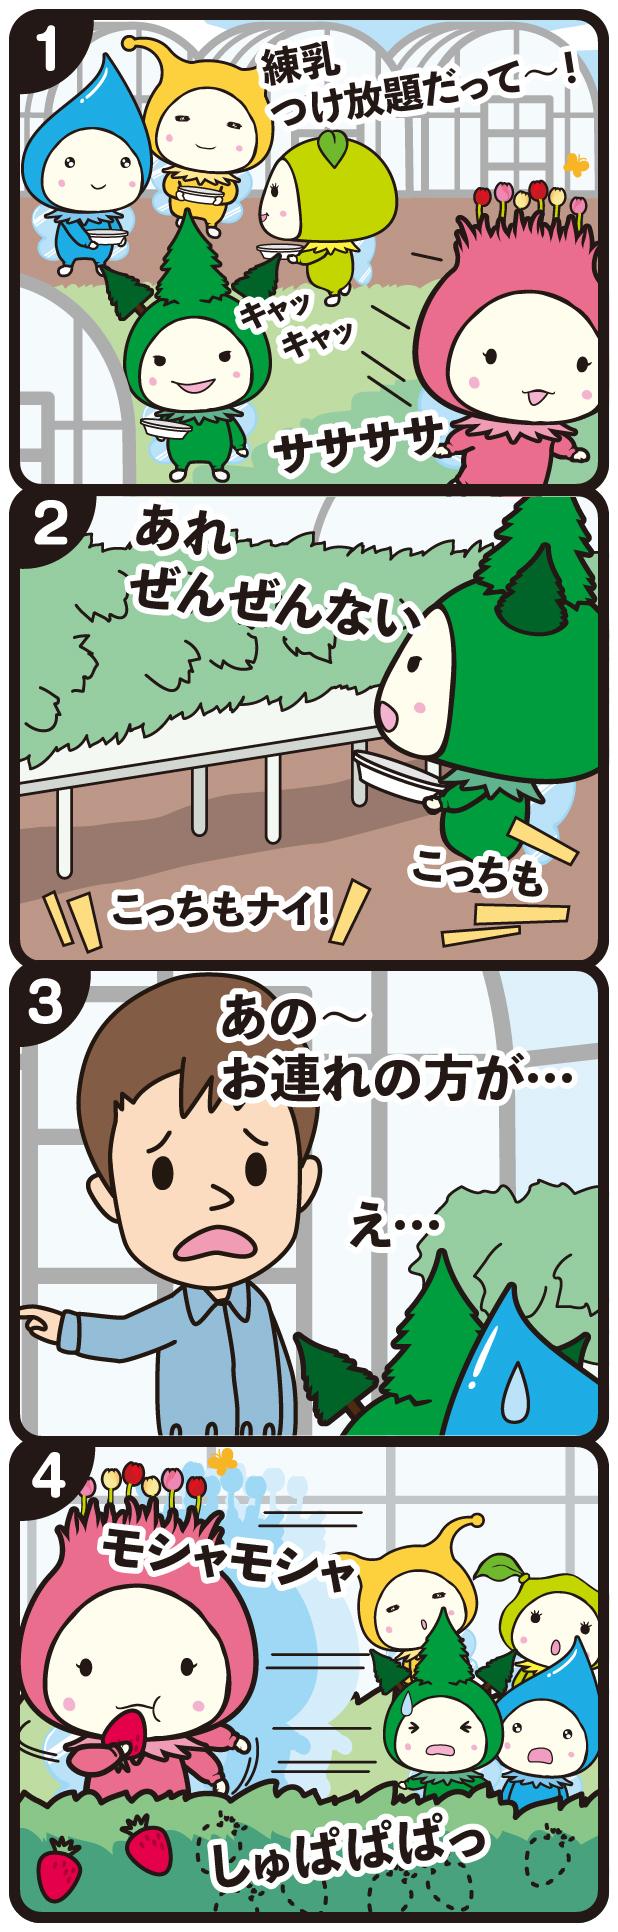 comic_220